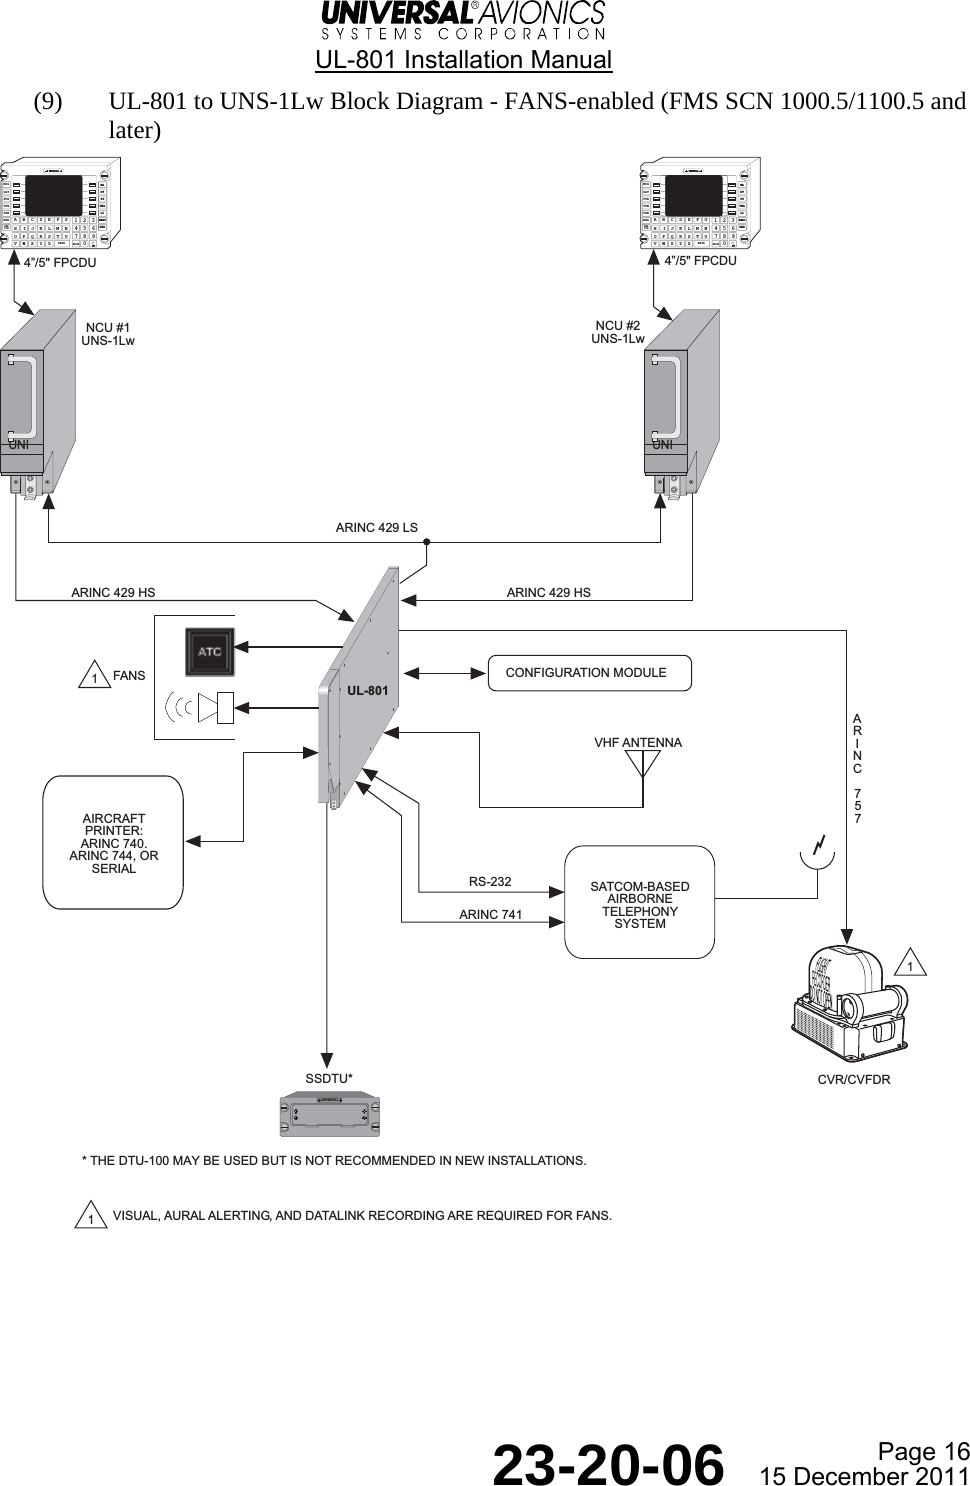 Universal Avionics Systems 10801 Avionics Communication ... on